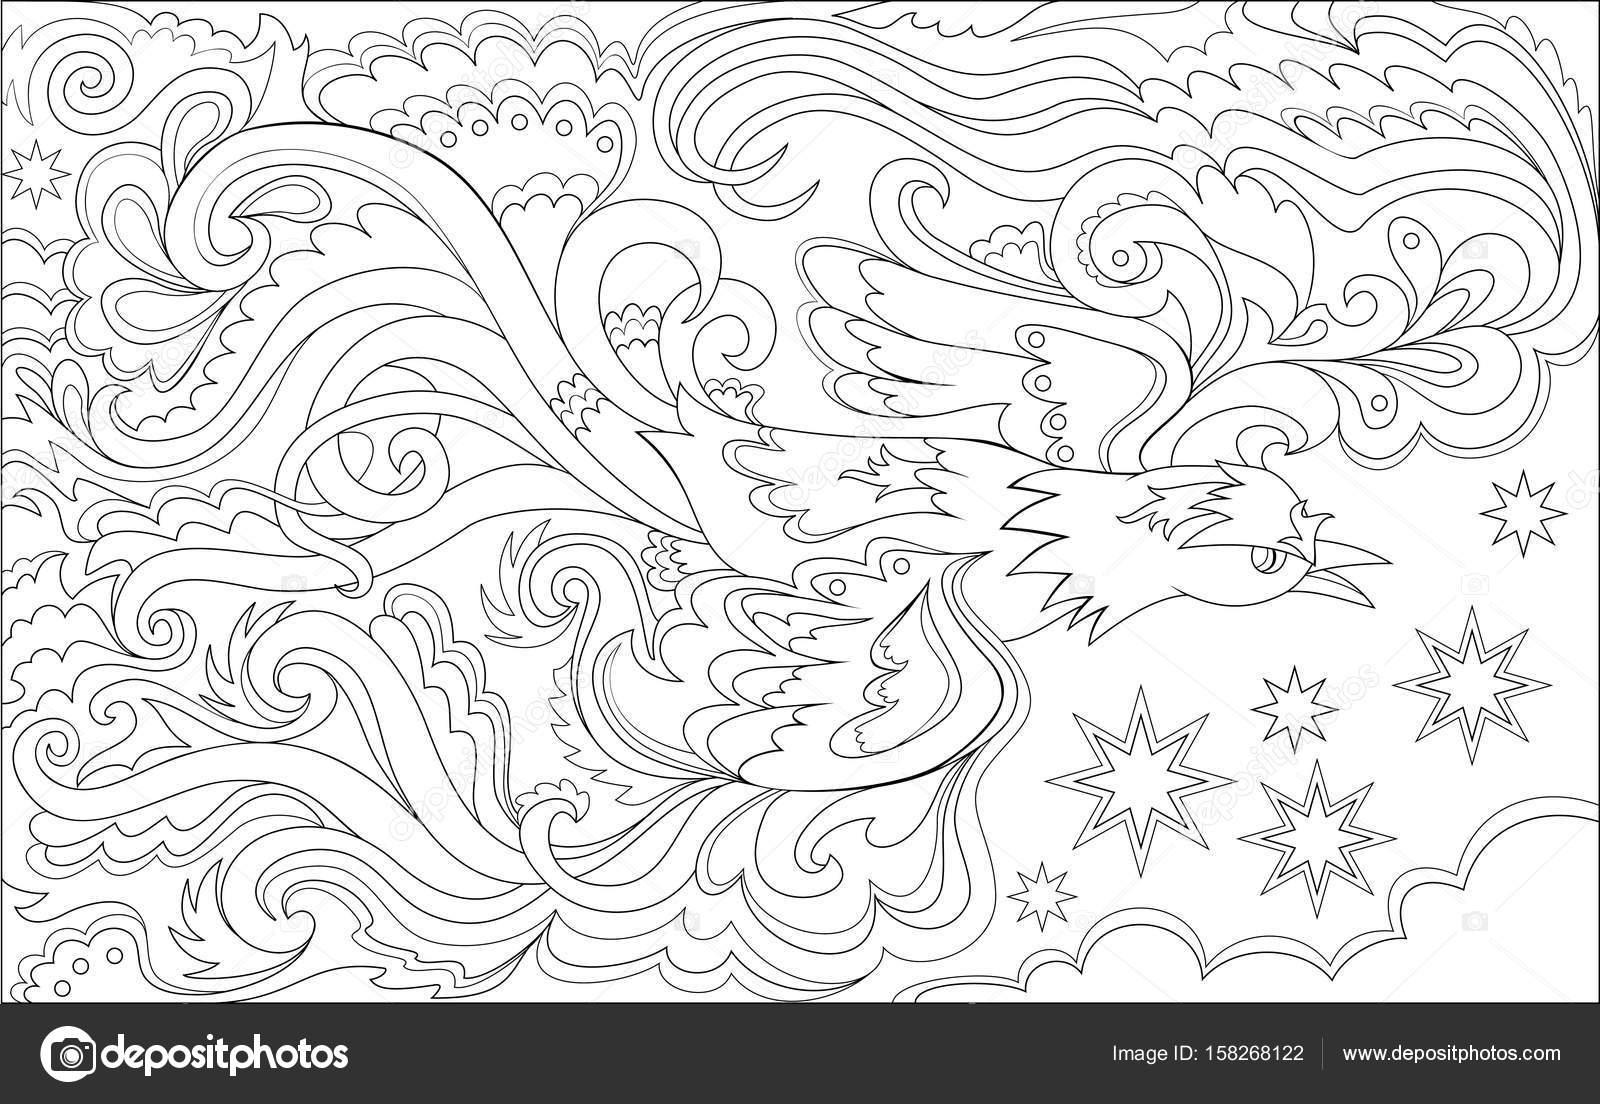 Black And White Seite zum Ausmalen. Magischen fliegenden Vogel ...